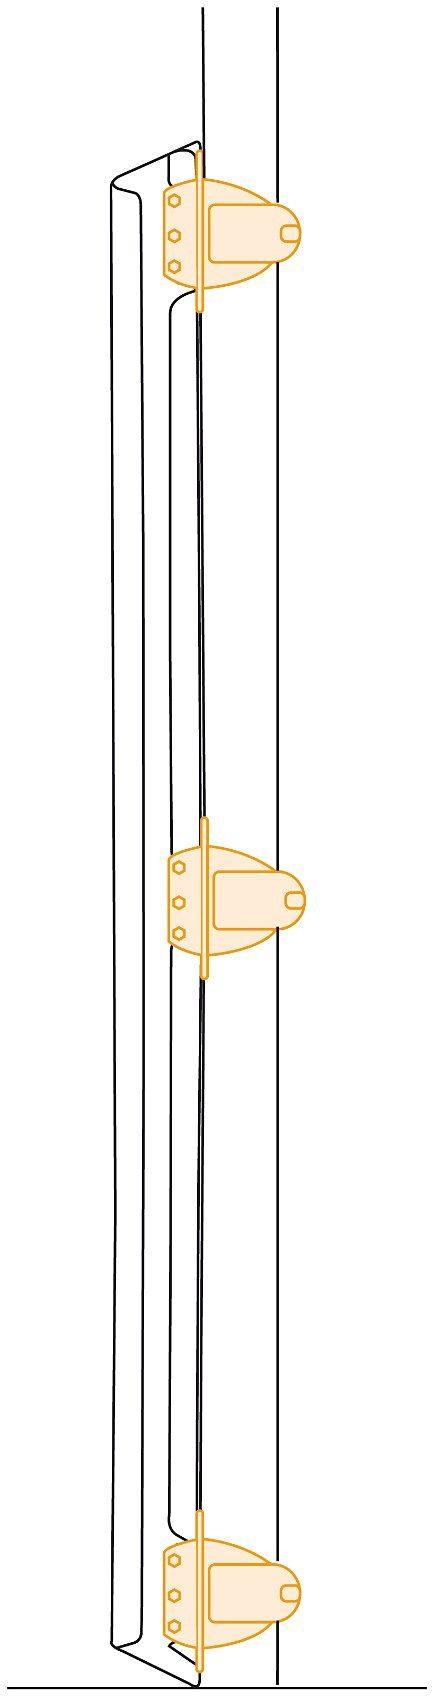 Lascal Rohrhalterungen für Schließleiste, 3er Set, weiß